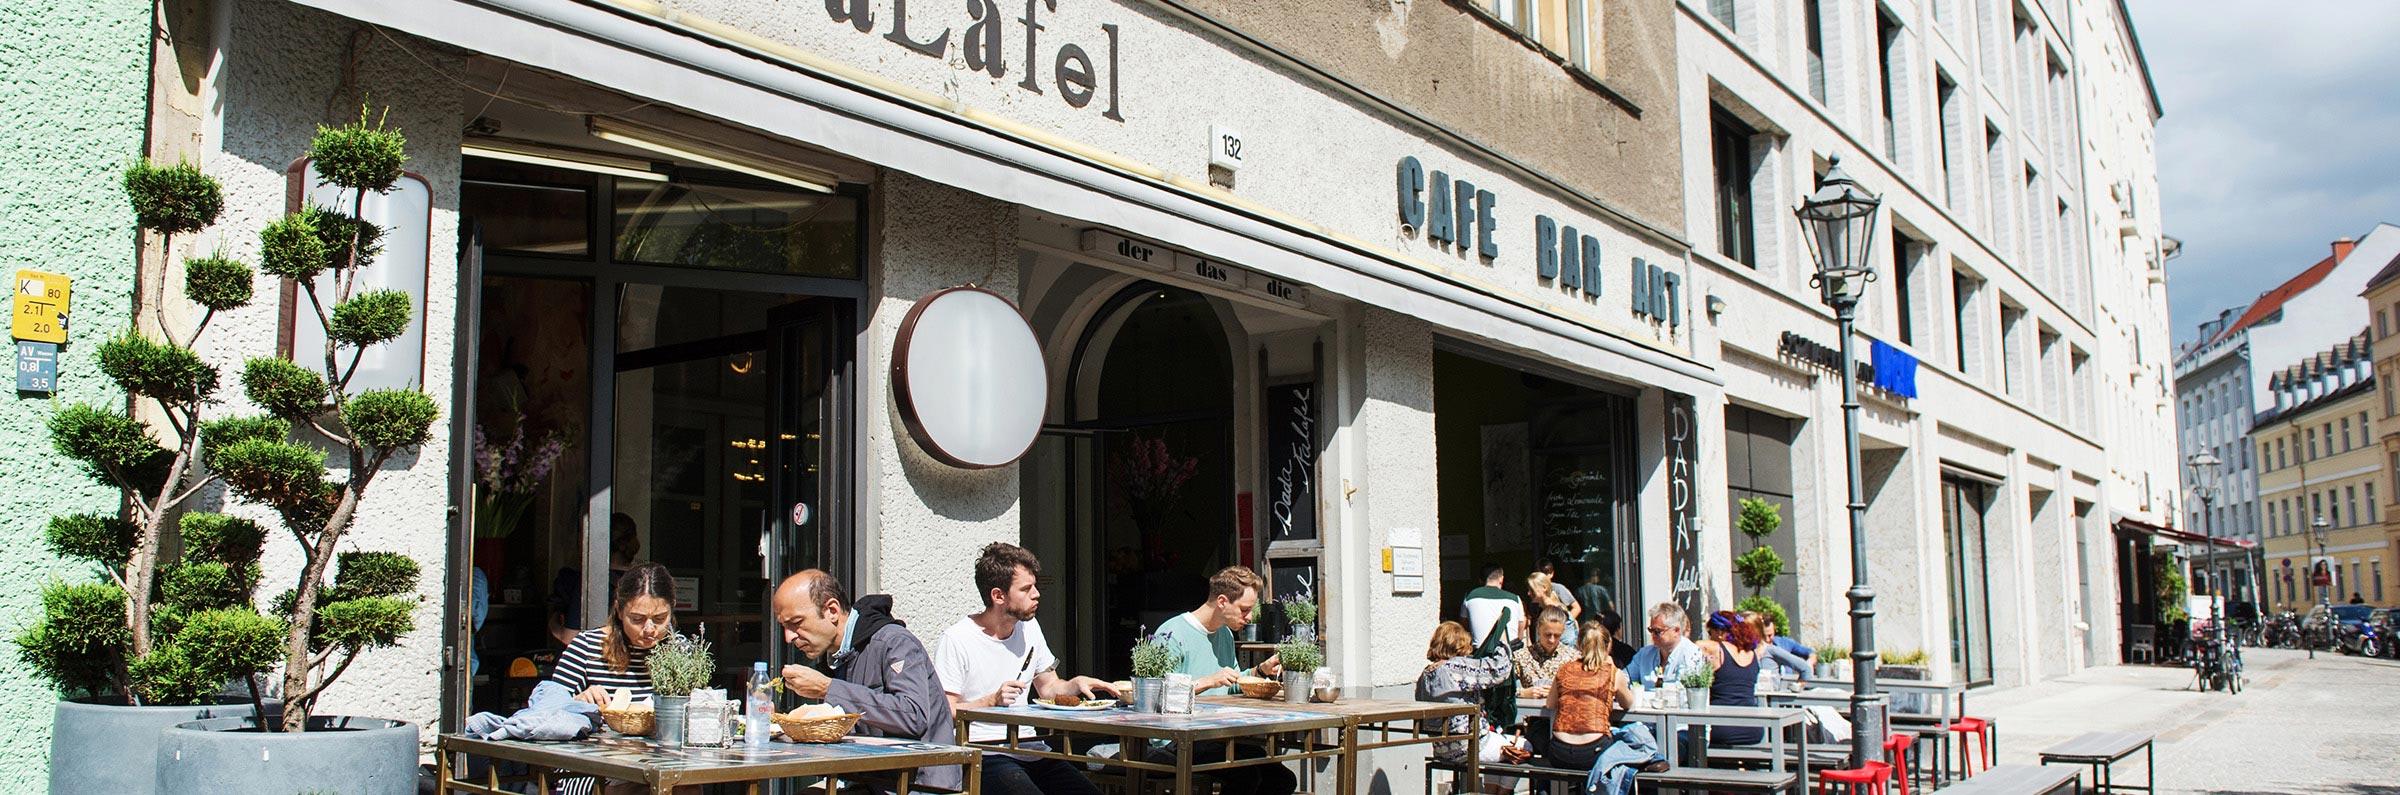 Mangiare e bere in Berlino